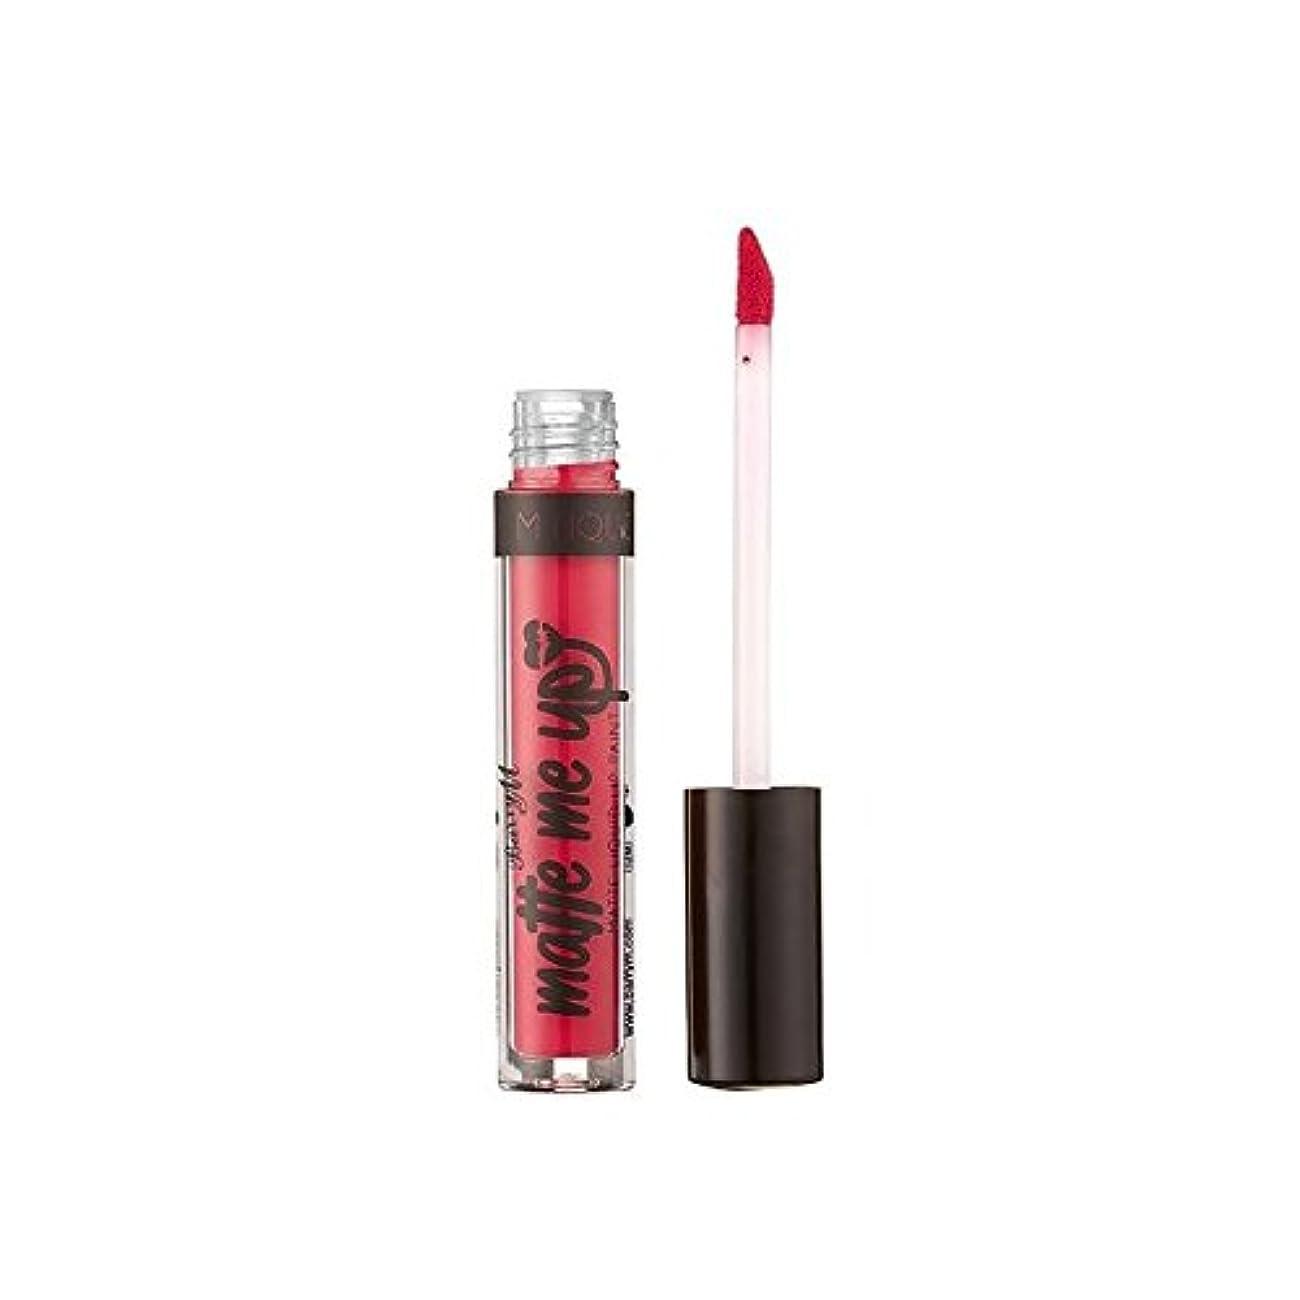 期待クモモトリーBarry M Matte Me Up Liquid Lip Paint -Pop-Up Cherry - バリーは液体リップペイント-アップ桜を私をマット [並行輸入品]